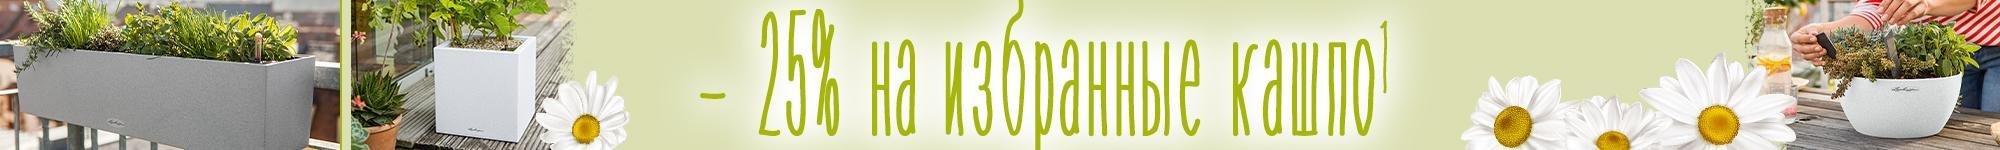 '- 25% на избранные кашпо CANTO